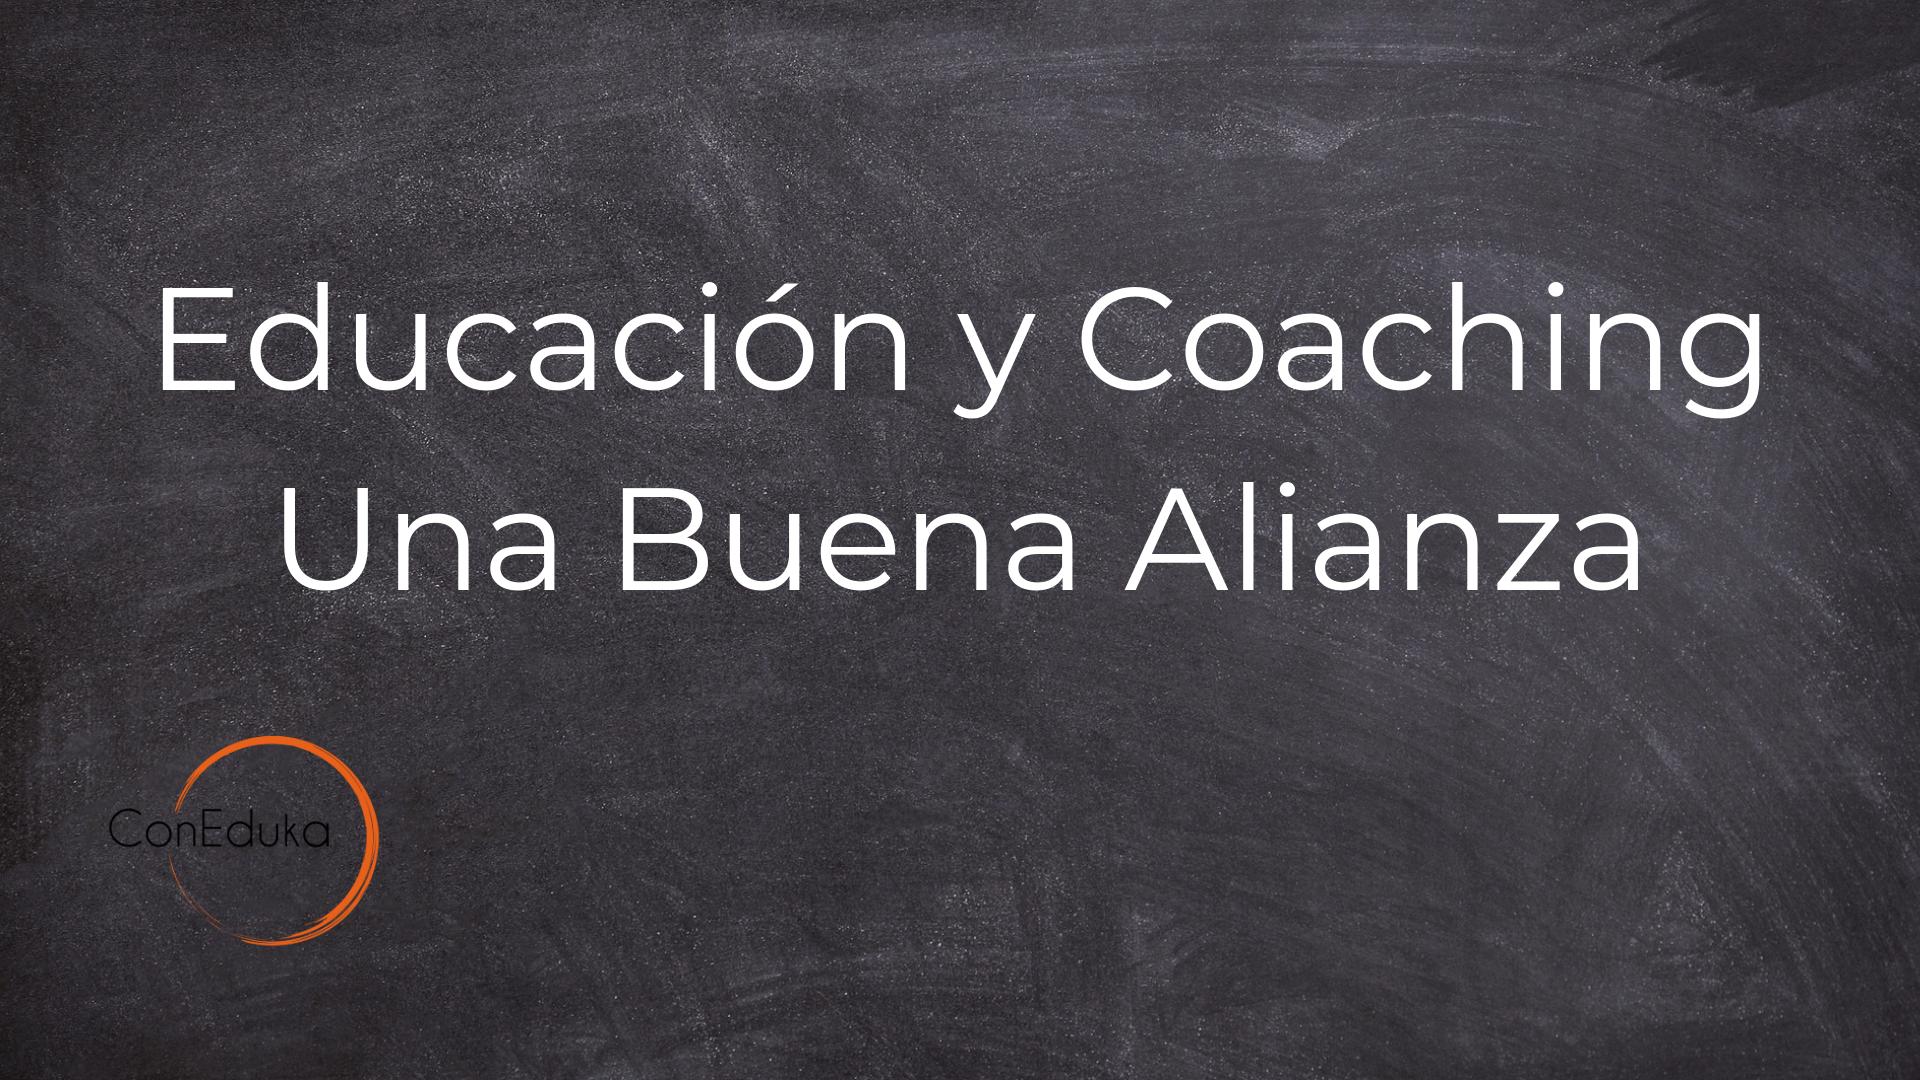 qué hace un coach educativo